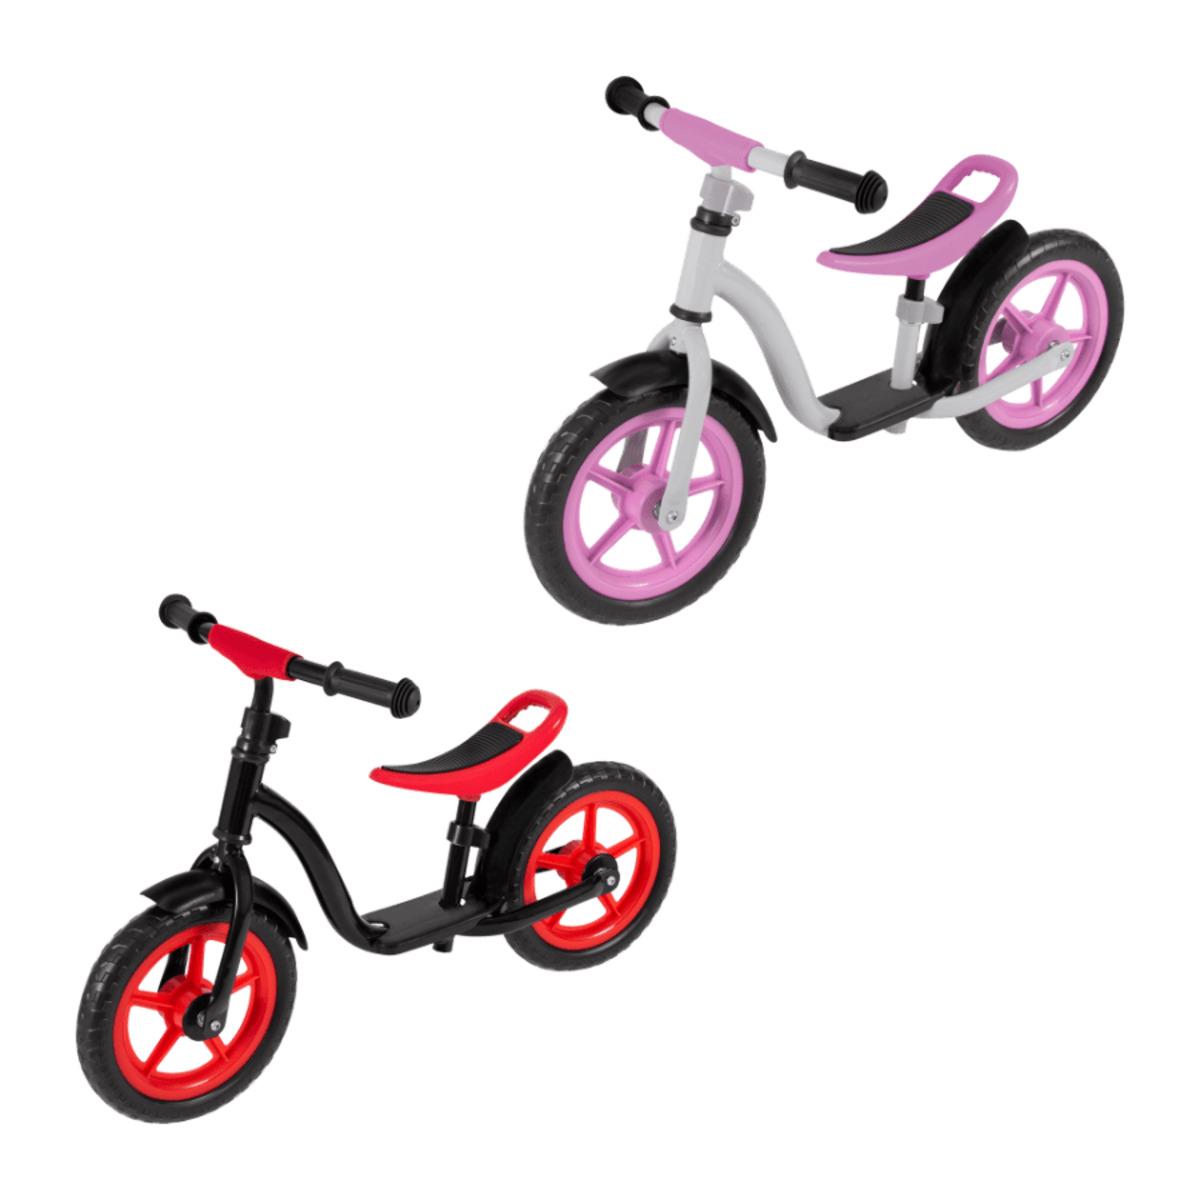 Bild 1 von PLAYLAND     Kinderlaufrad